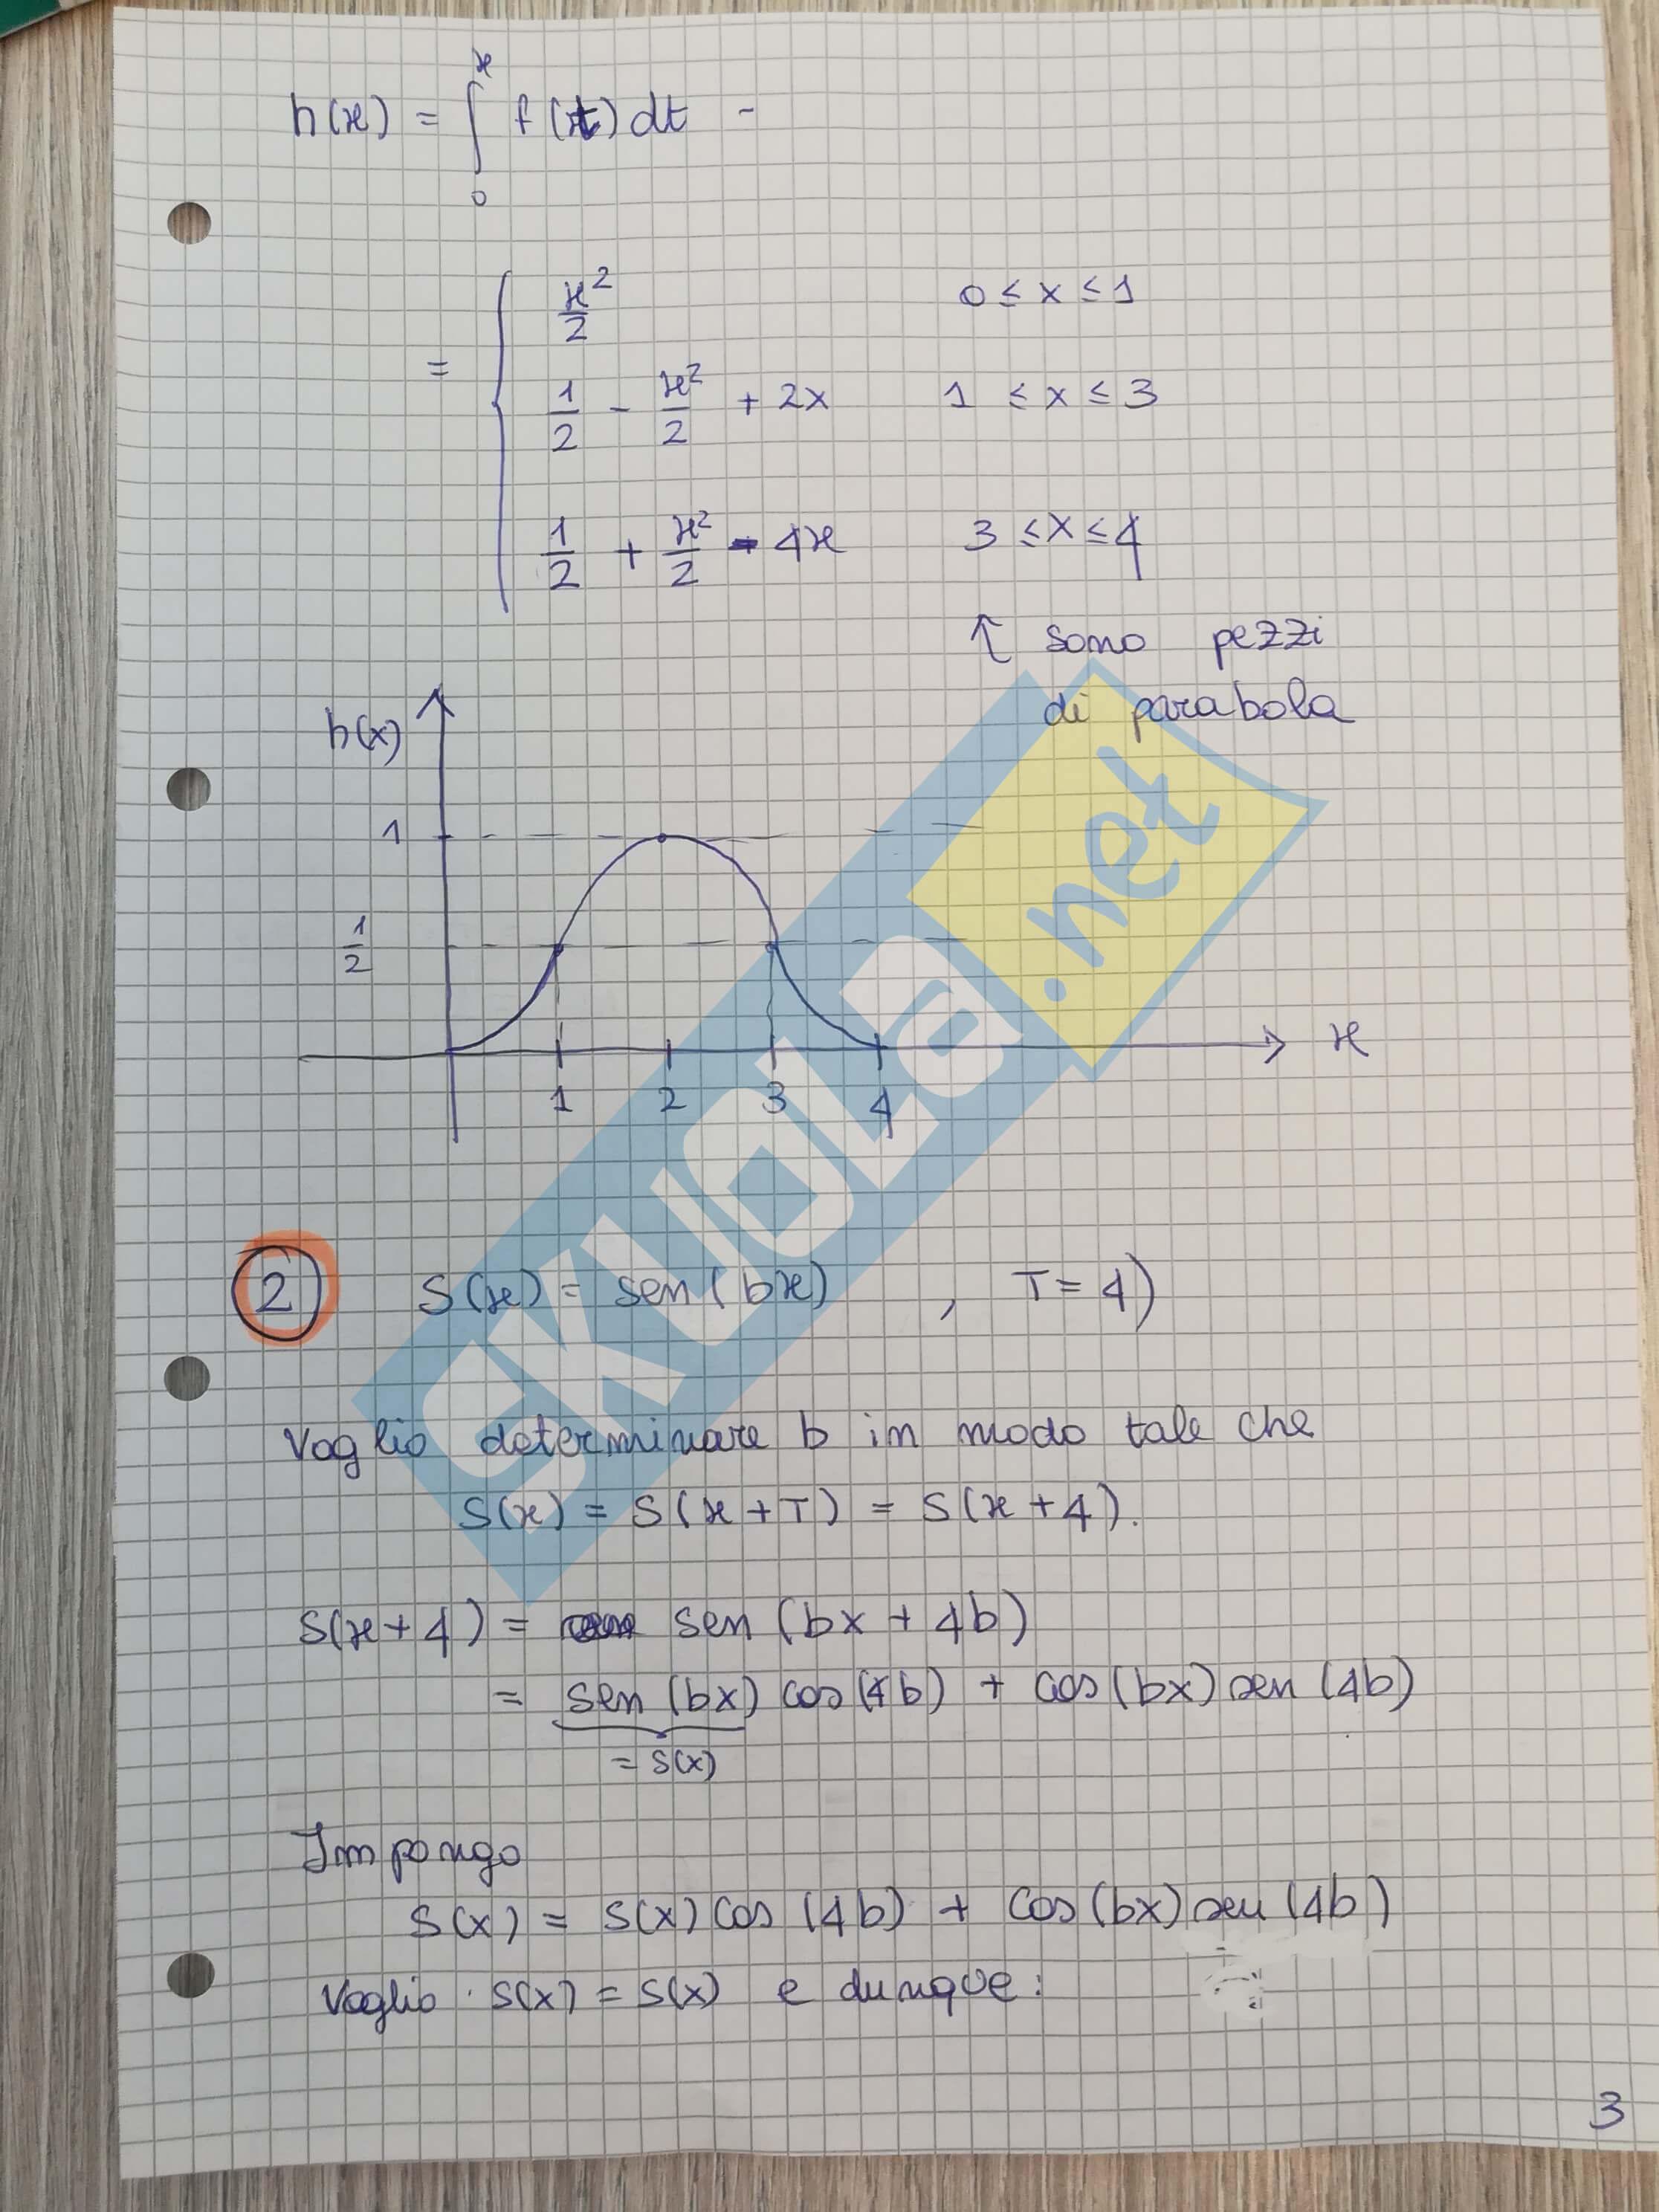 Soluzione Seconda prova Matematica: Scientifico 2017